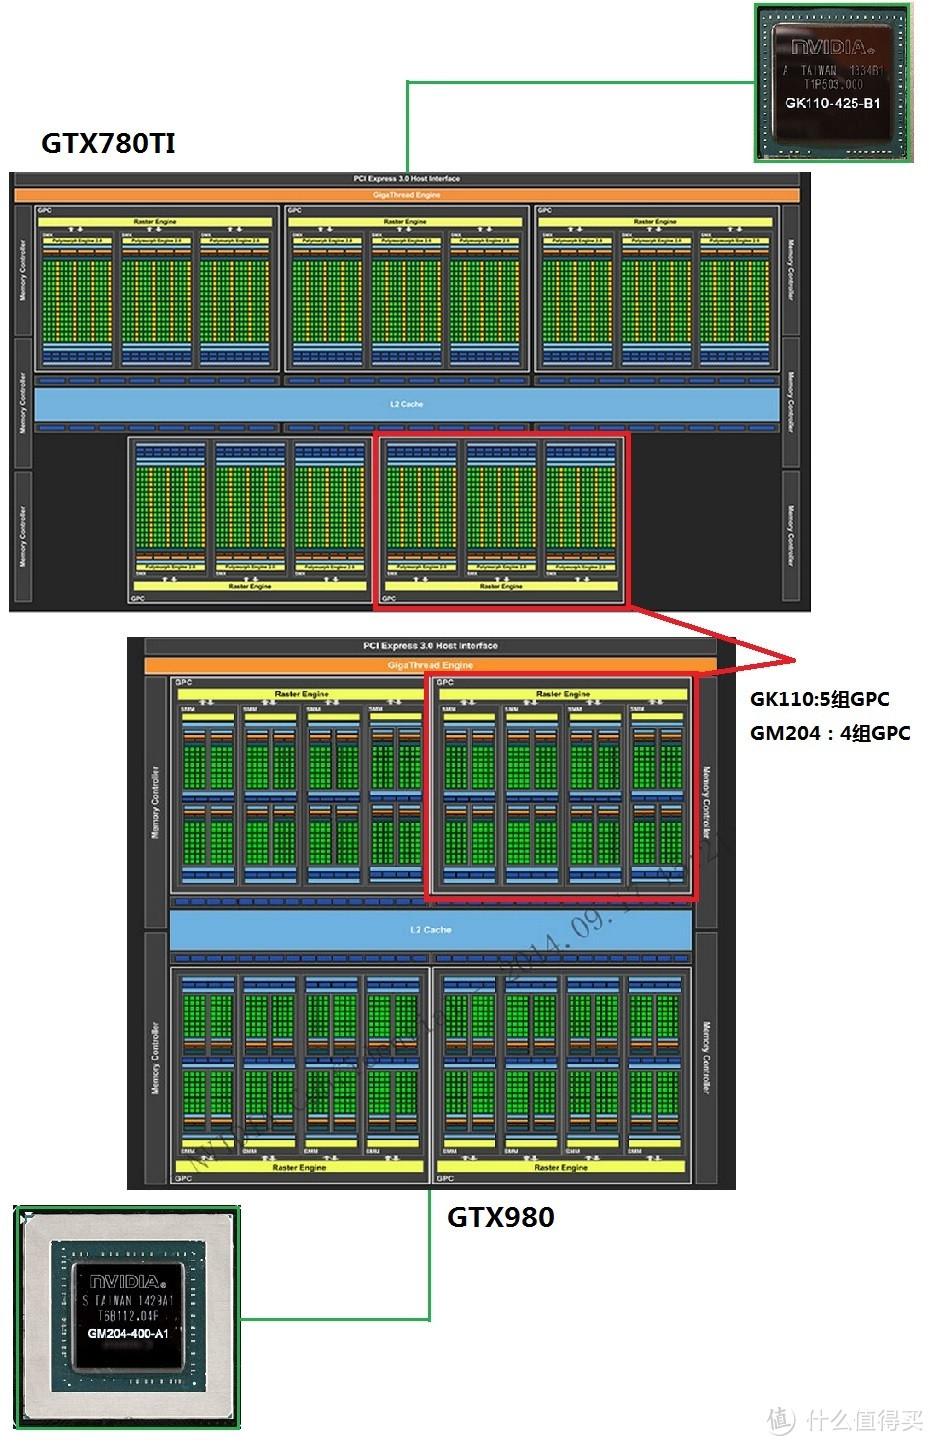 GPU、显存和供电介绍